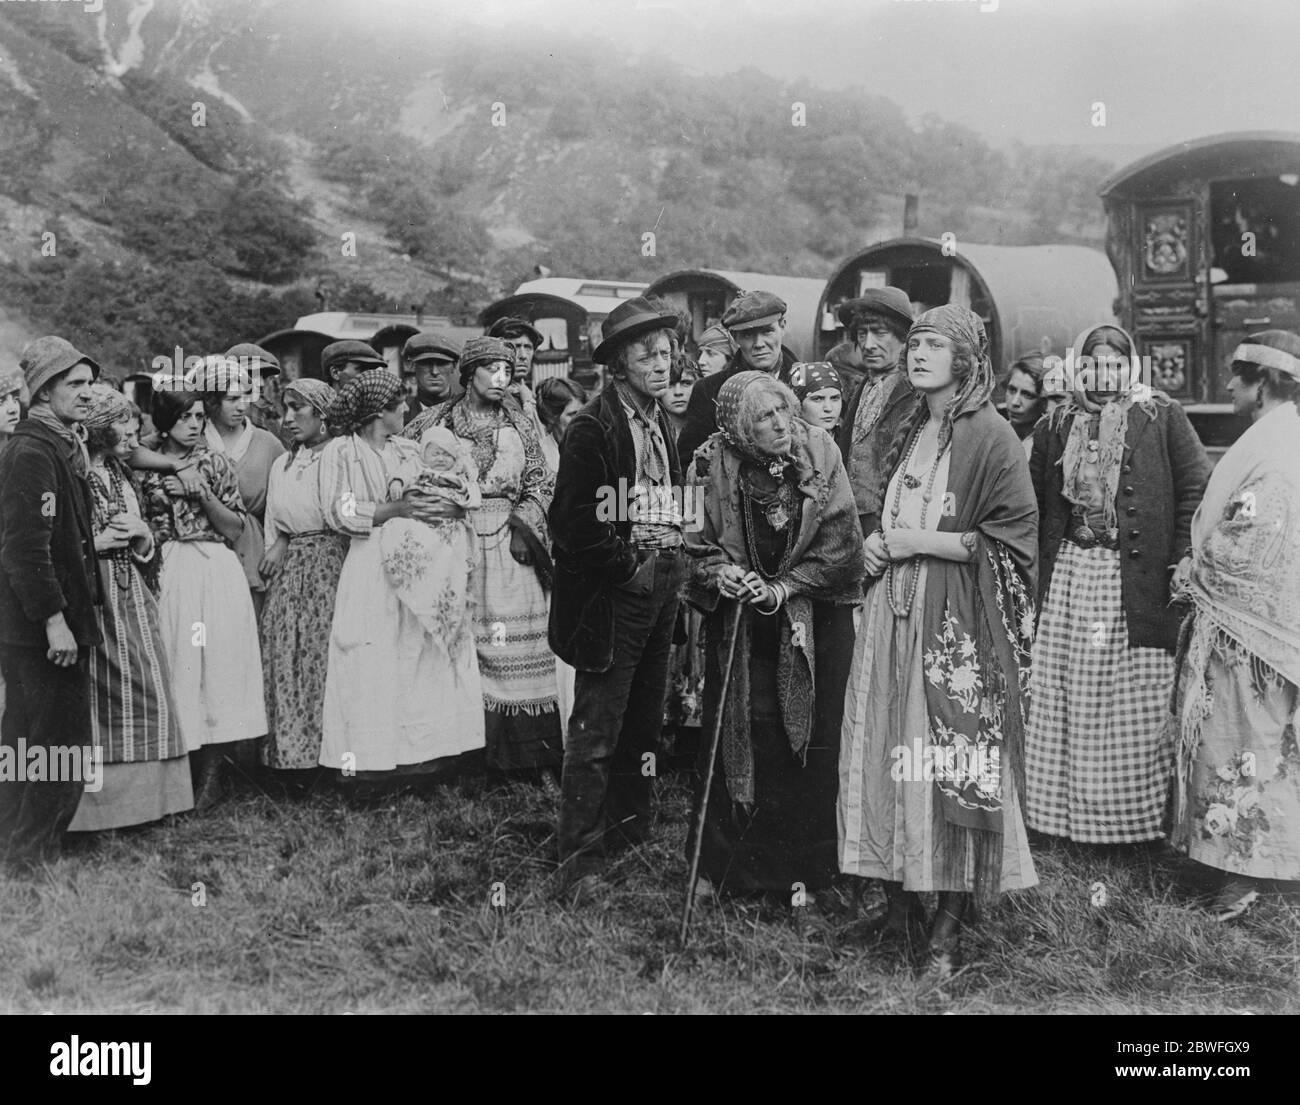 Marchionne comme héroïne du film Lady Queensberry dans une pièce tzigane la Marchionne de Queensbury vient de faire ses débuts de film comme l'héroïne tzigane de la nouvelle production galloise Pearson appelée ' la Romany ' Irene Norman ( la Marchionne de Queensberry ) comme Valia , Une princesse tzigane est mise en garde par la sorcière tribale ( Mlle Ida Fane ) contre l'alliance de la romane . M. Hugh E Wright, homme de médecine tribale , 12 janvier 1923 Banque D'Images